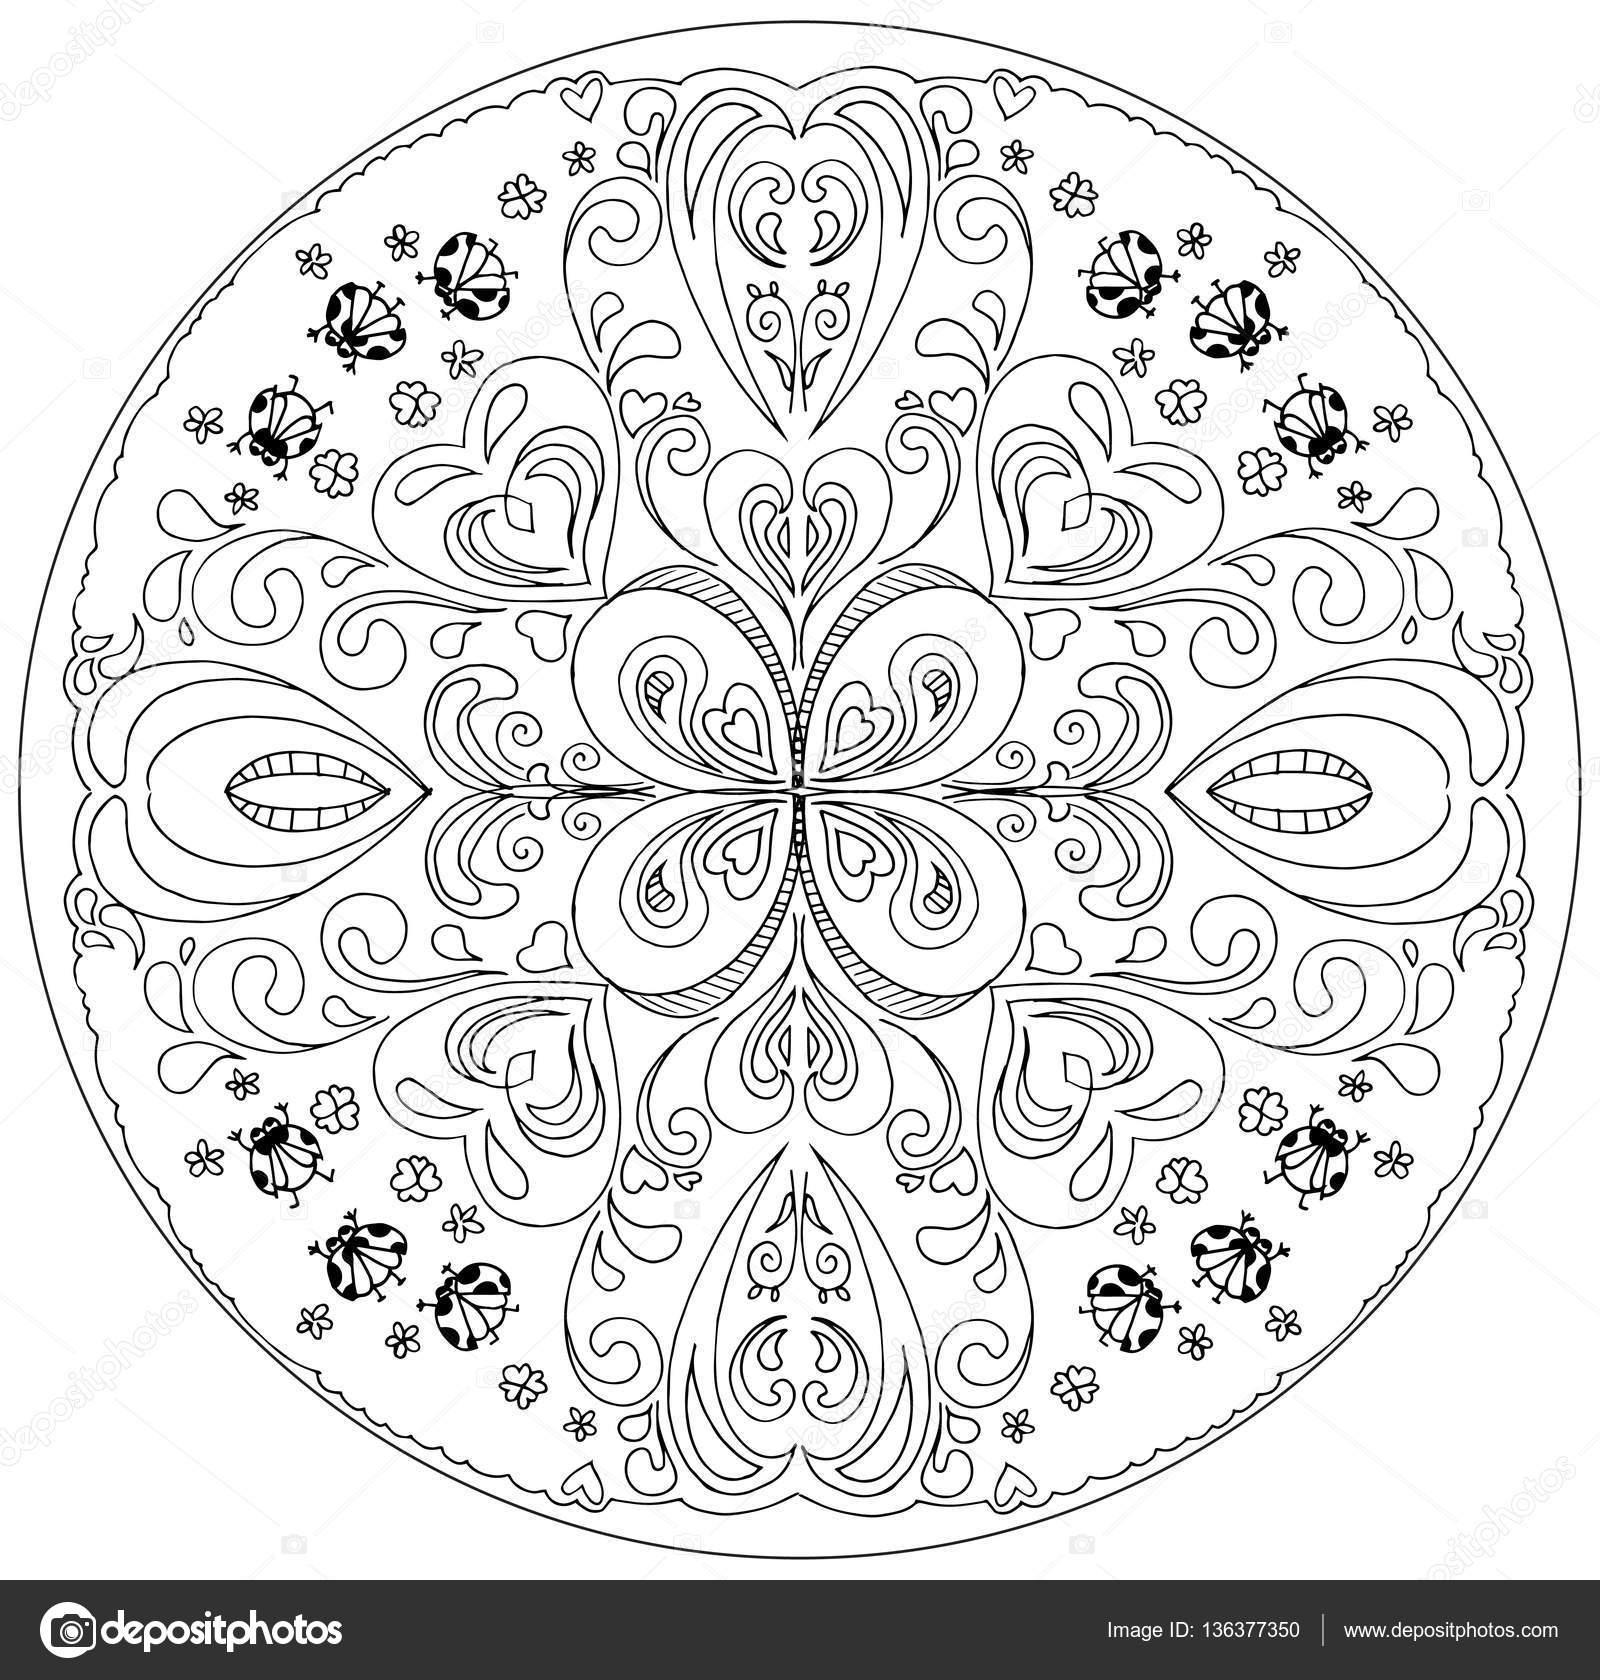 Coloriage Mandala Avec Vecteur De Coccinelles Image Vectorielle